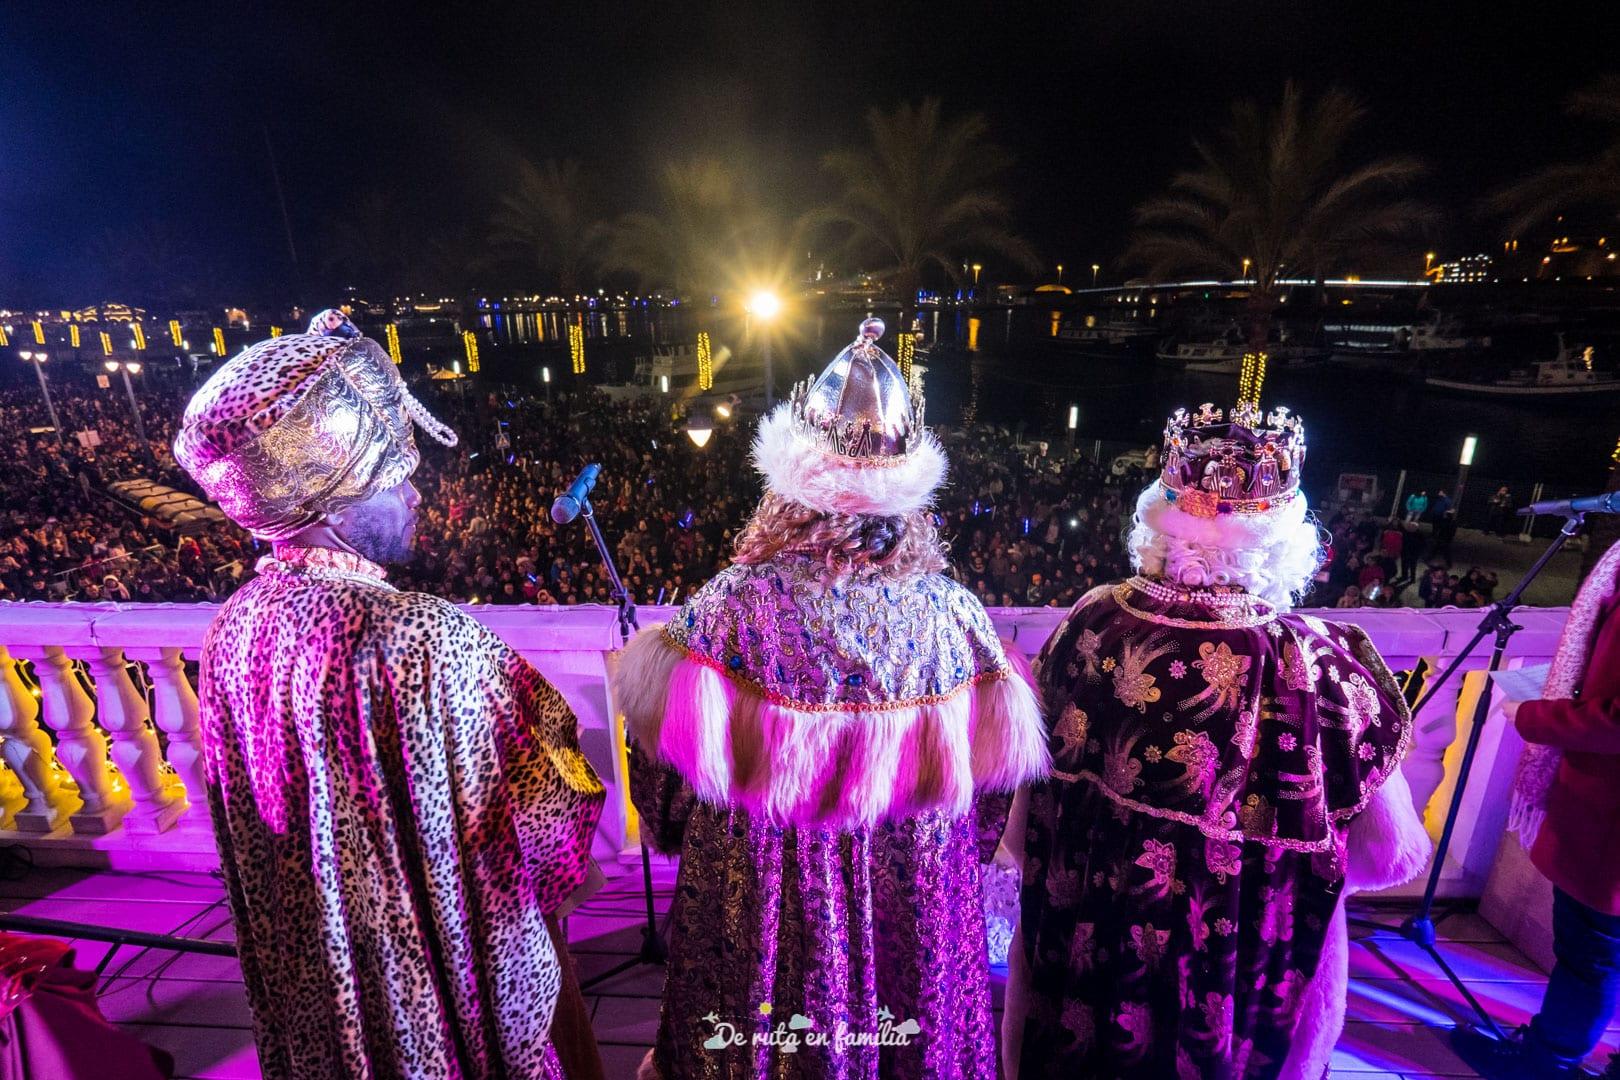 que fer tarragona tradicions reis nadal